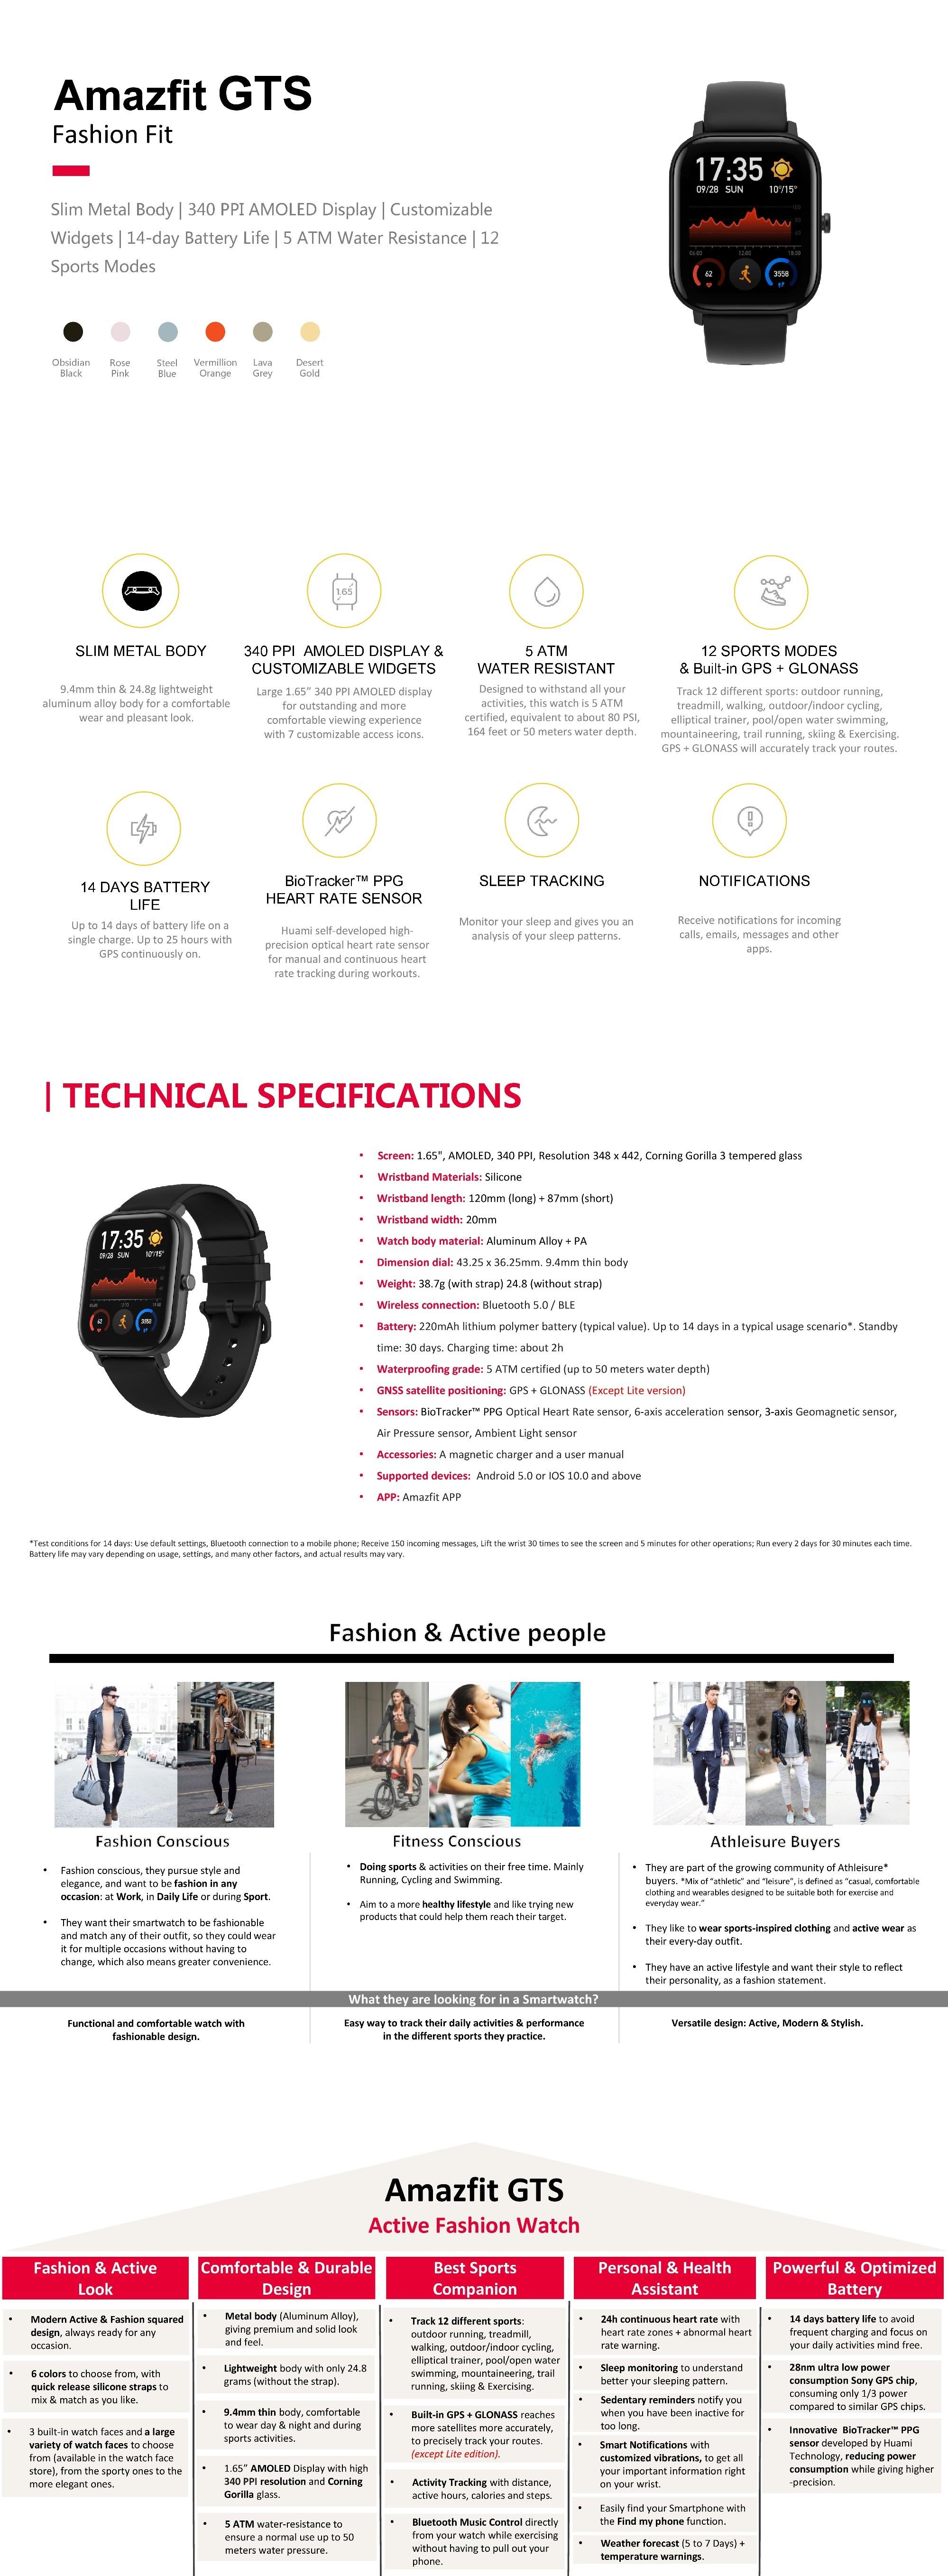 Prezentare-Xiaomi-Huami-Amazfit-GTS3b251a9242cad40d.jpg